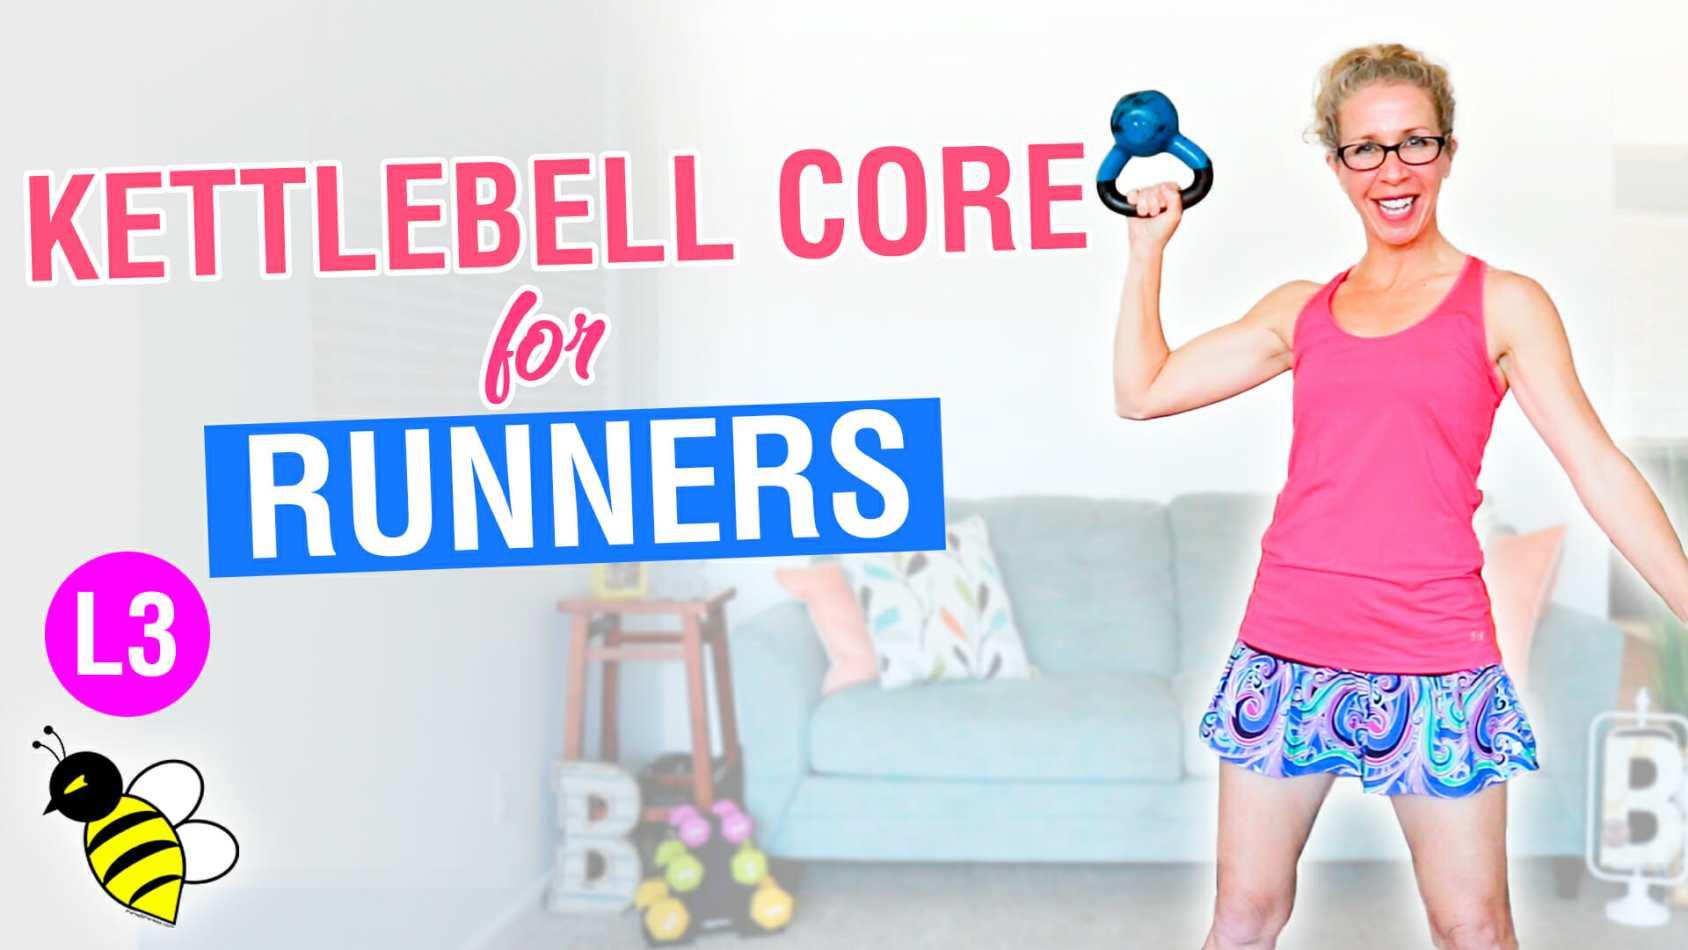 PR STRONG Killer Kettlebell CORE STRENGTH for RUNNERS